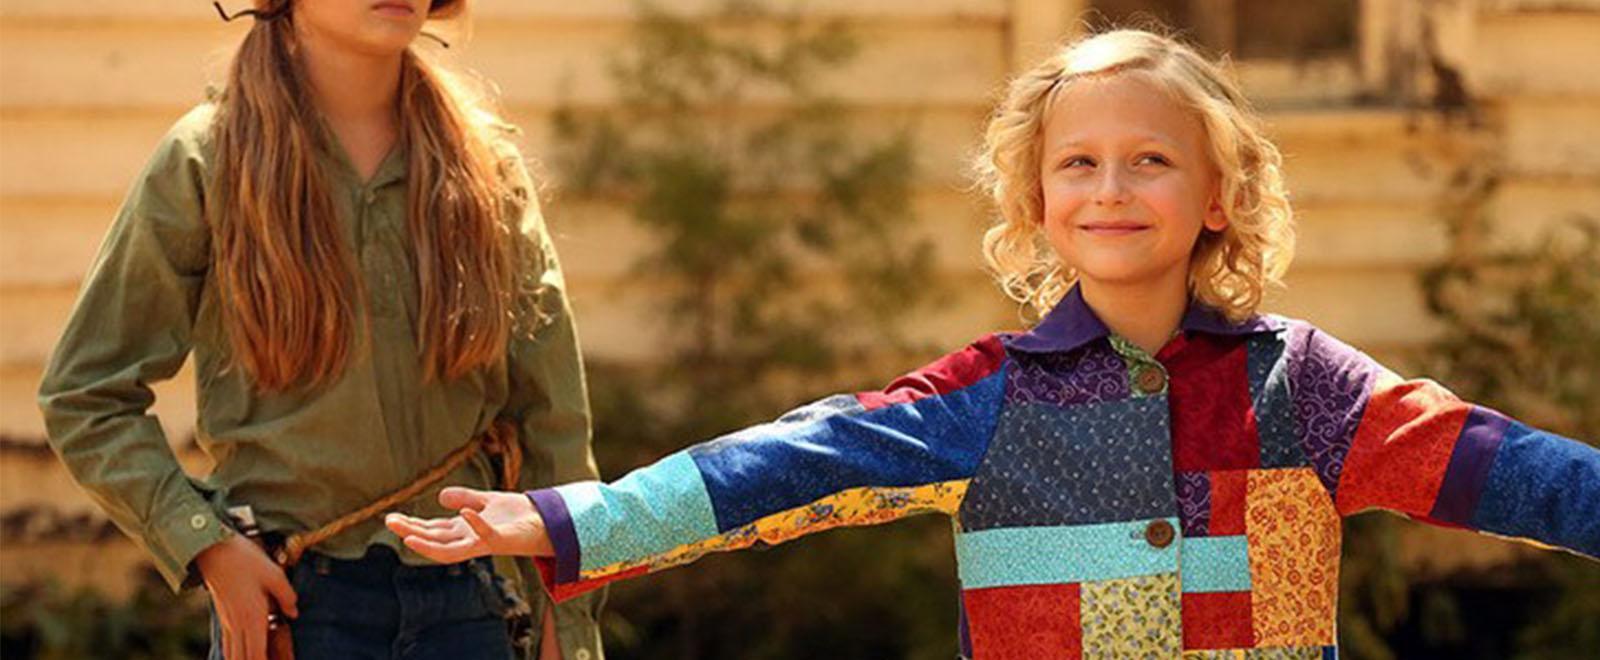 Risultati immagini per che ne pensate del film Un cappotto di mille colori?